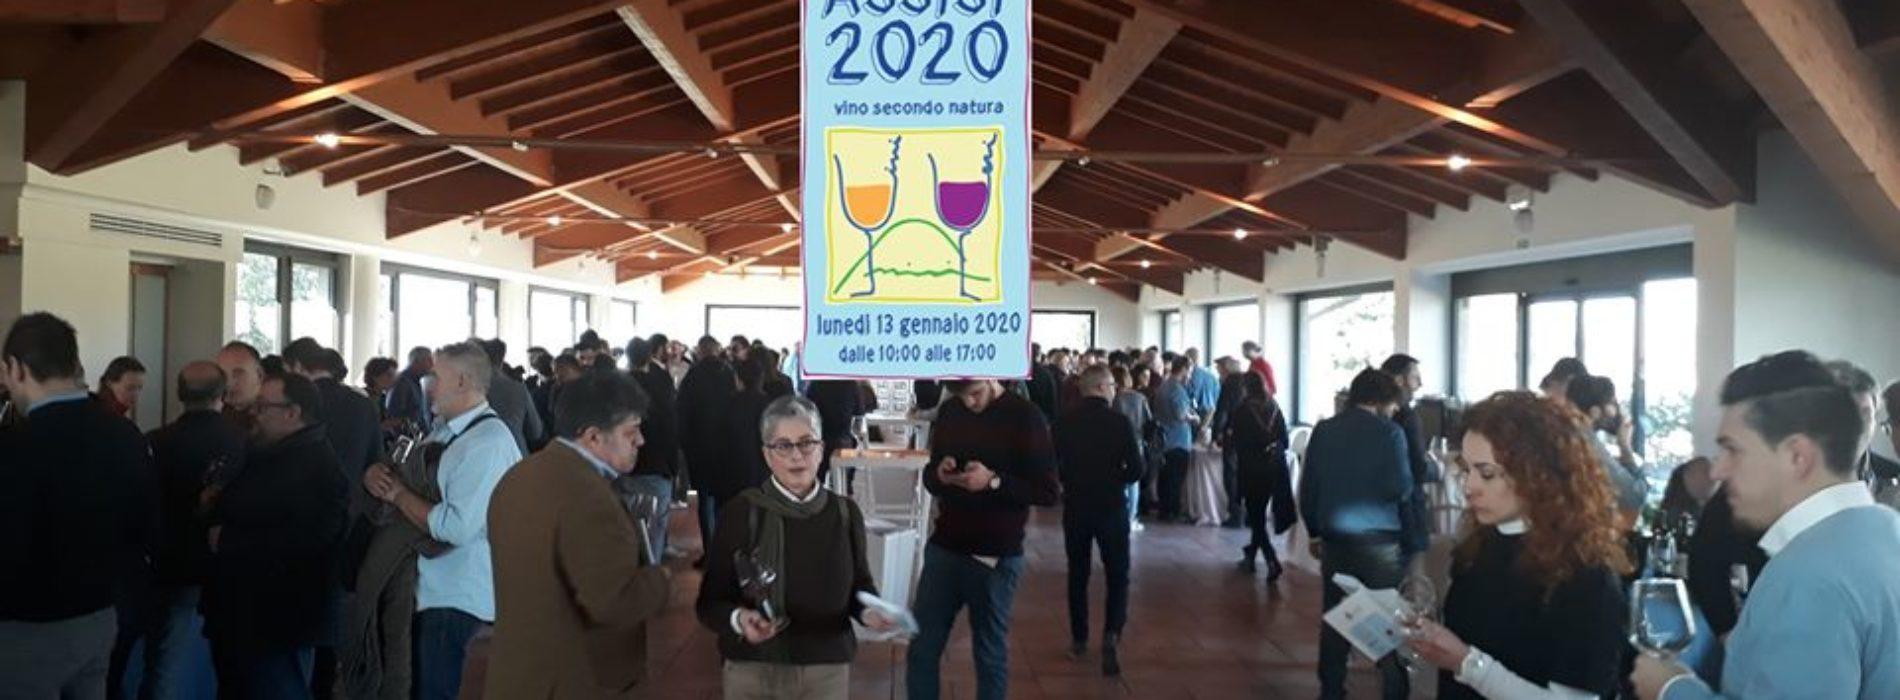 Viniveri Assisi 2020, 60 piccoli vignaioli e 200 vini in degustazione (aspettando Cerea)